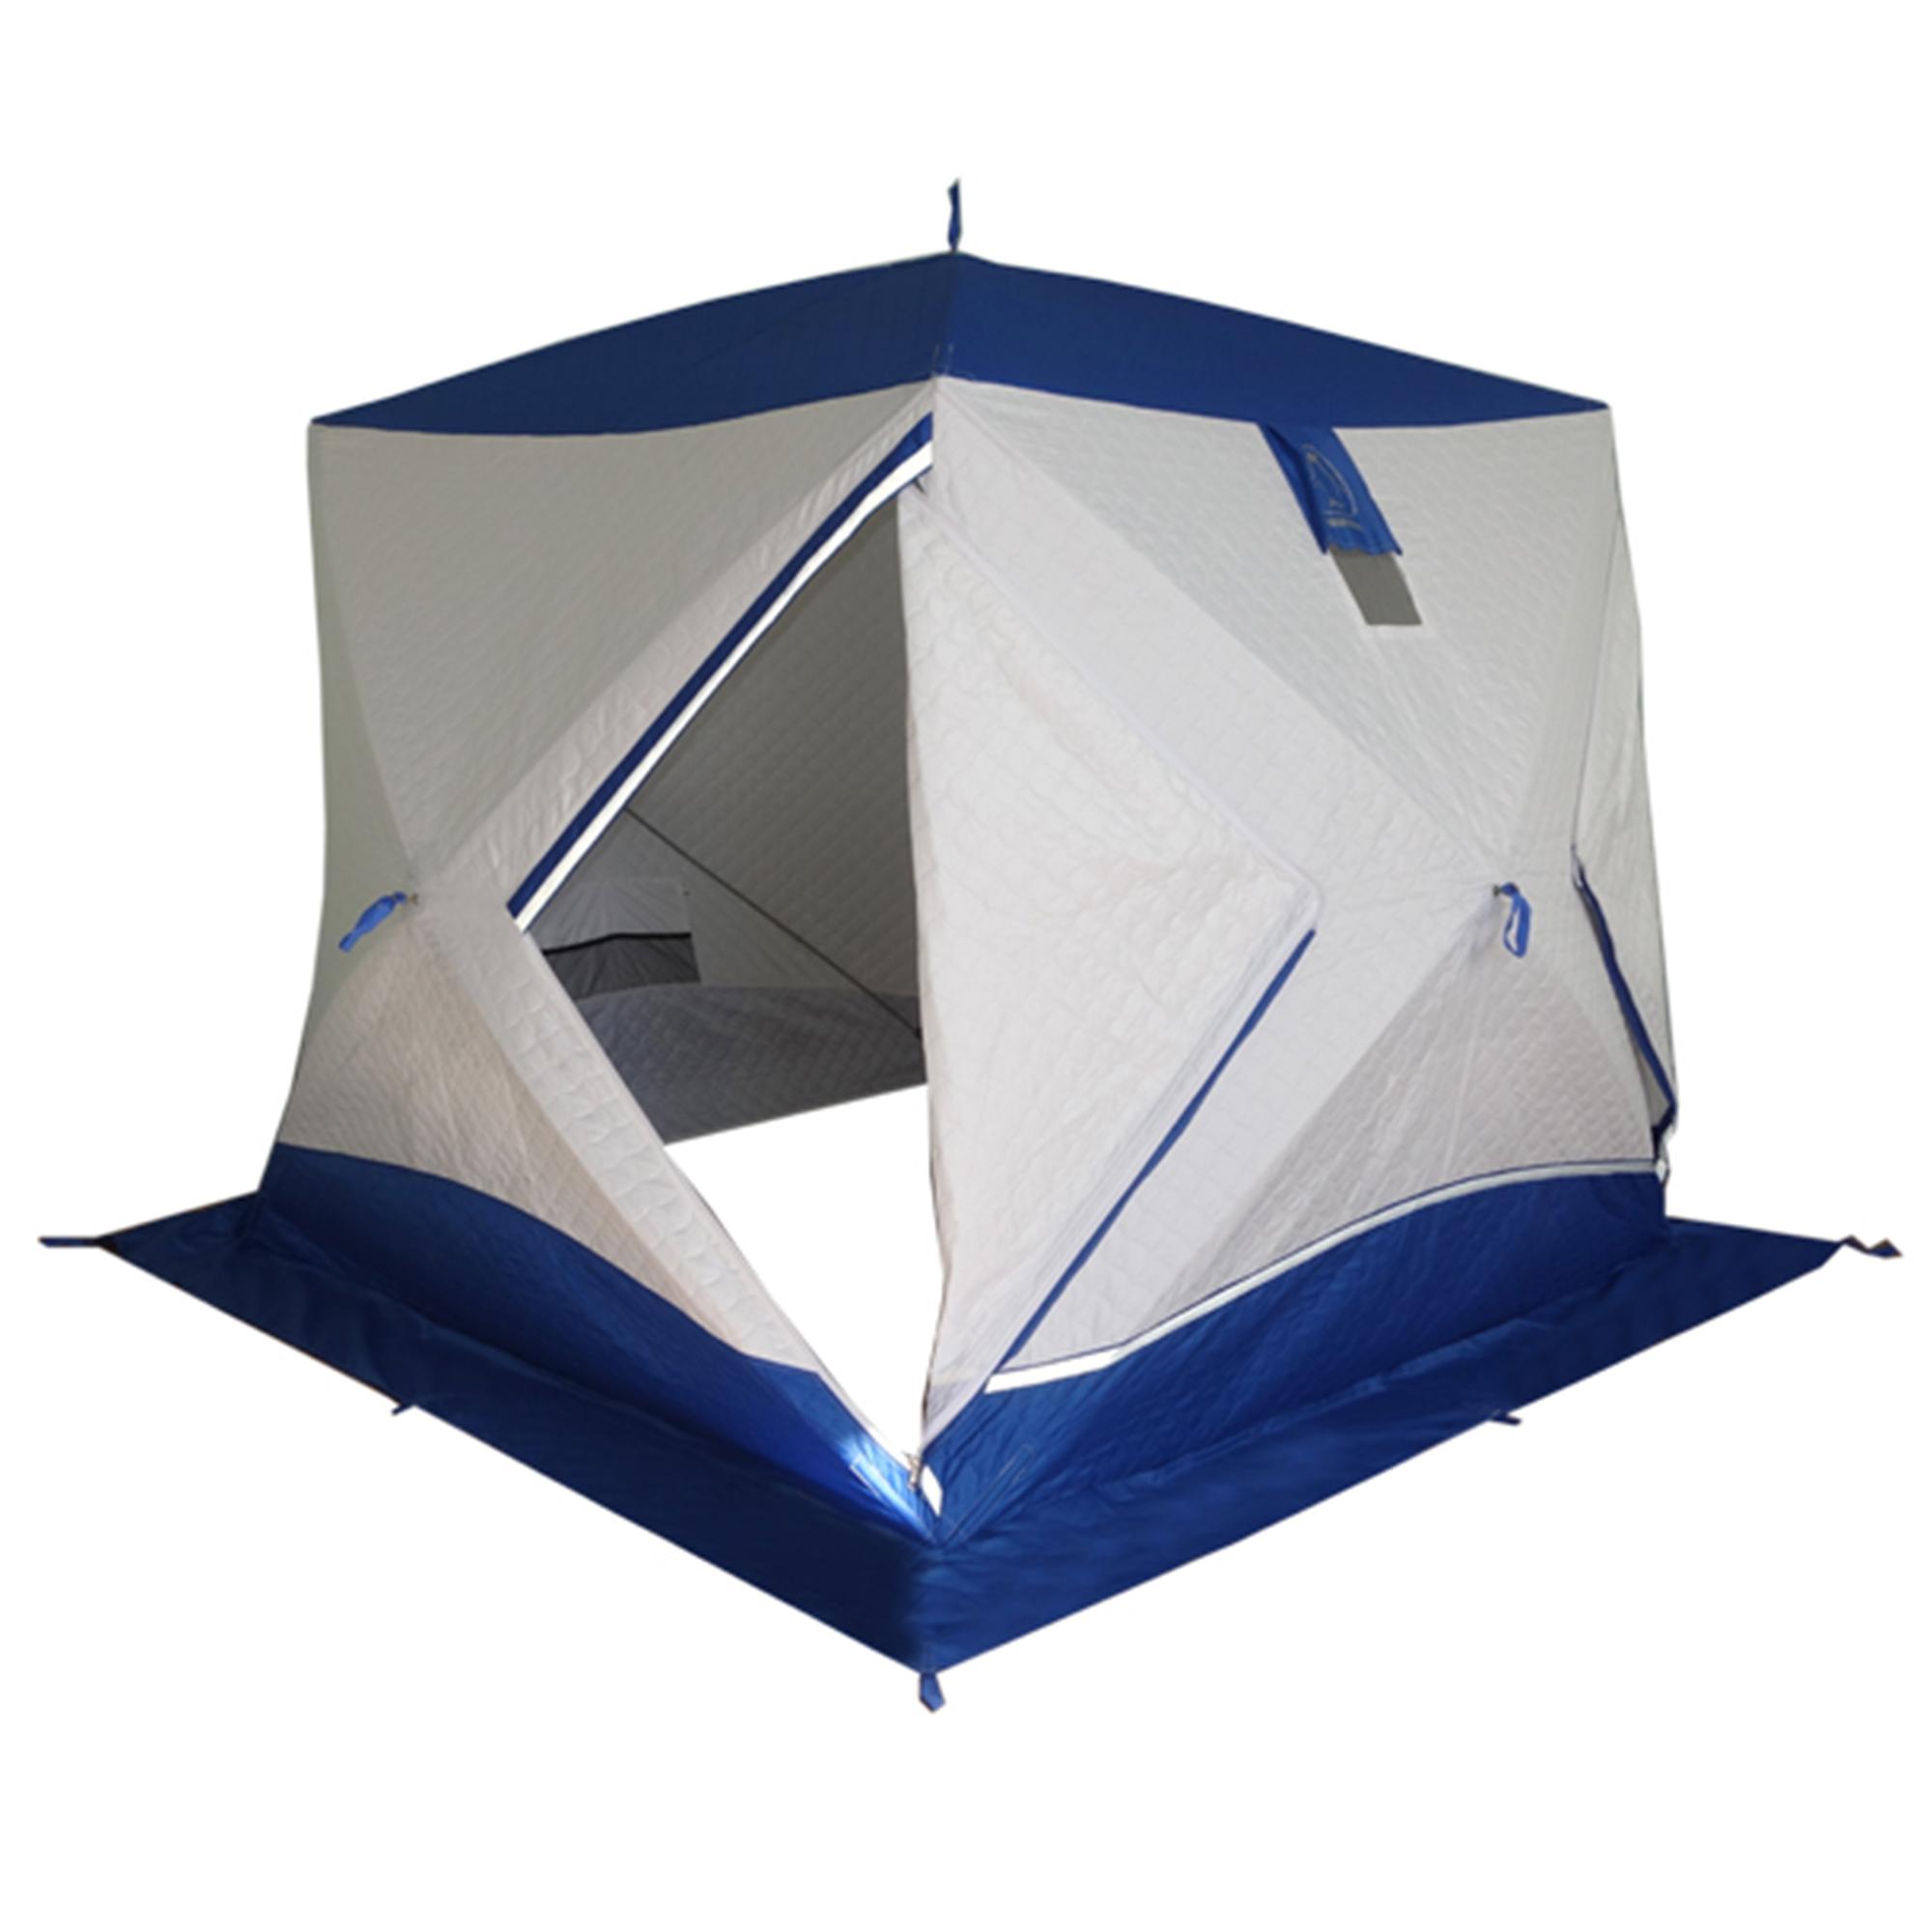 Палатка-куб ПИНГВИН Призма Премиум Термолайт, Палатки - арт. 1128480162